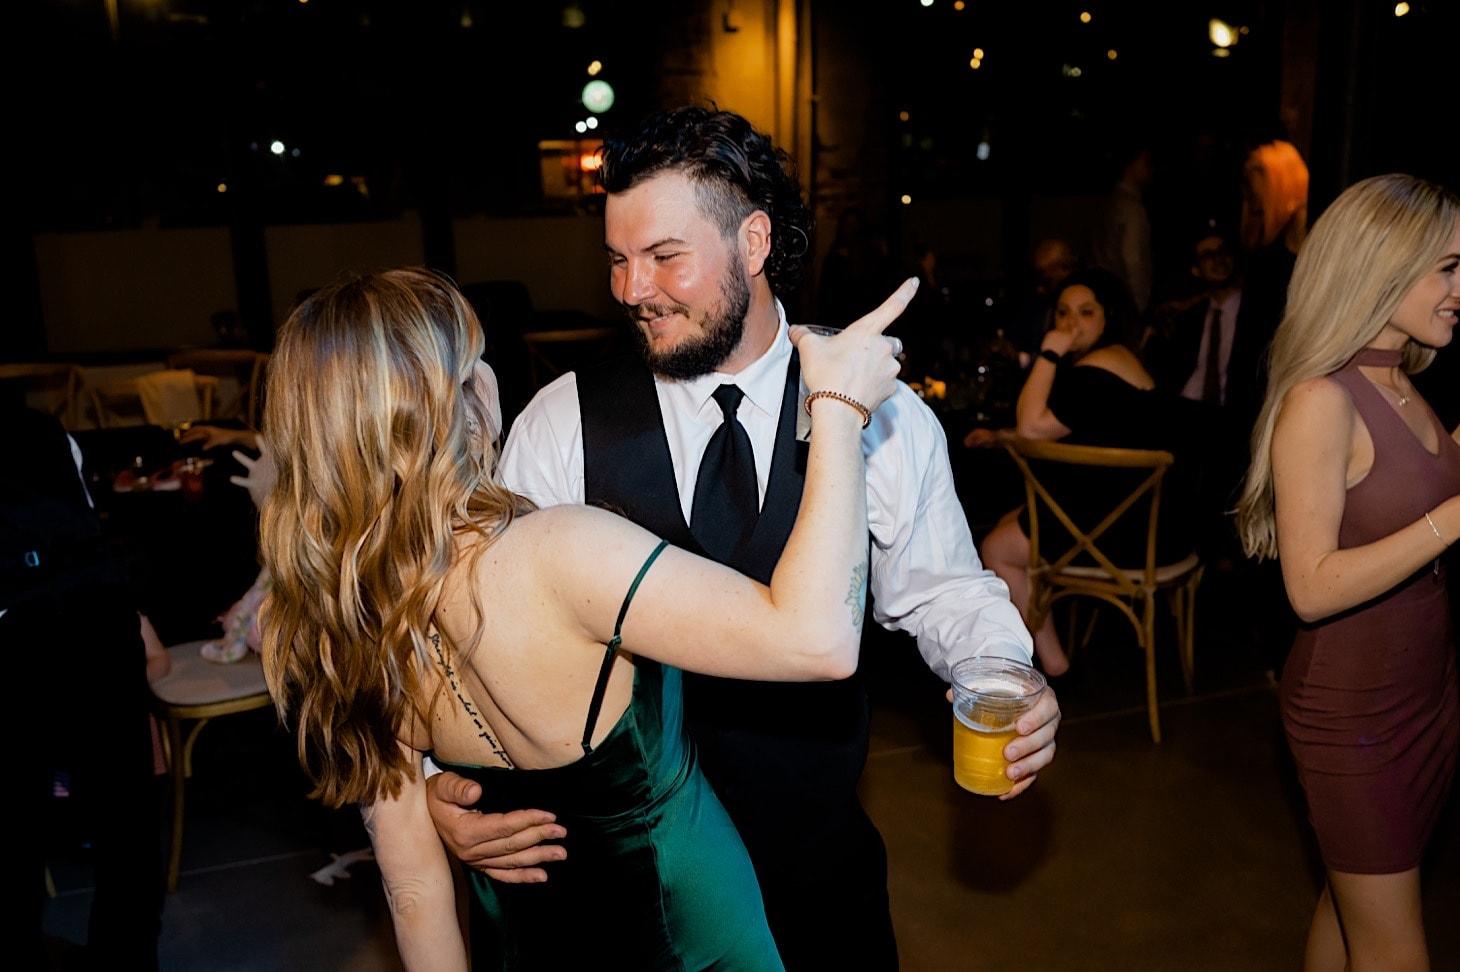 dancing photos Des Moines wedding reception